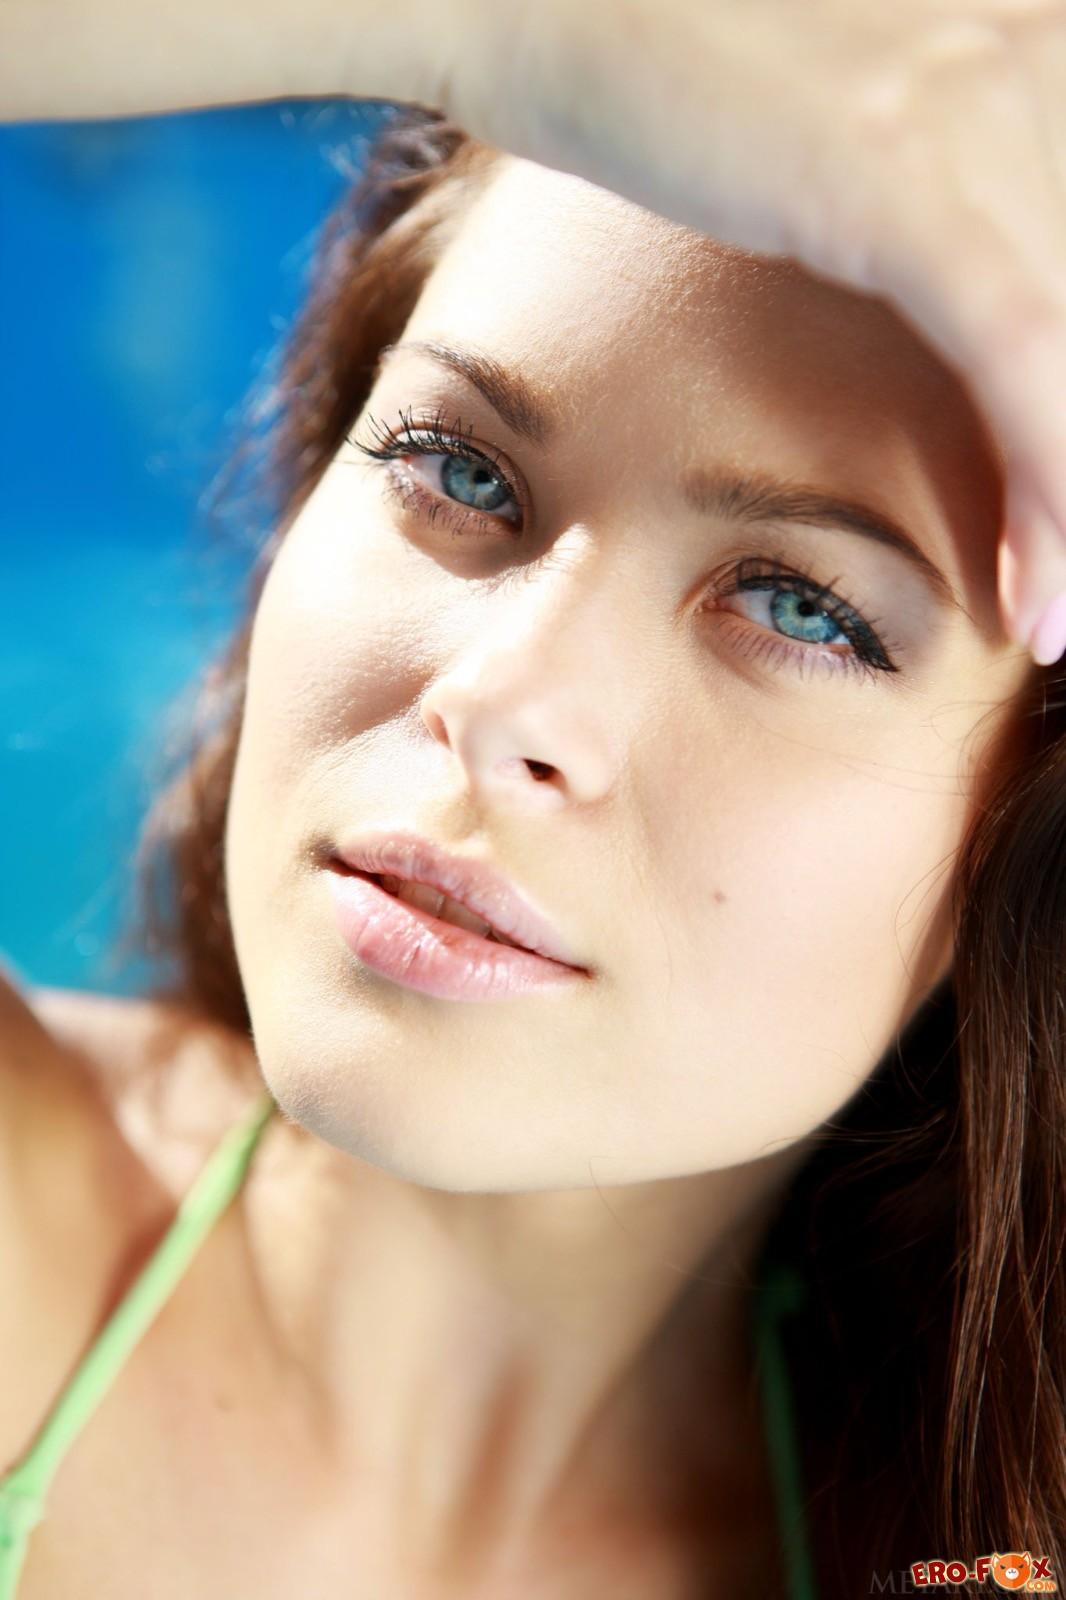 Голенькая голубоглазая красотка в пустом бассейне